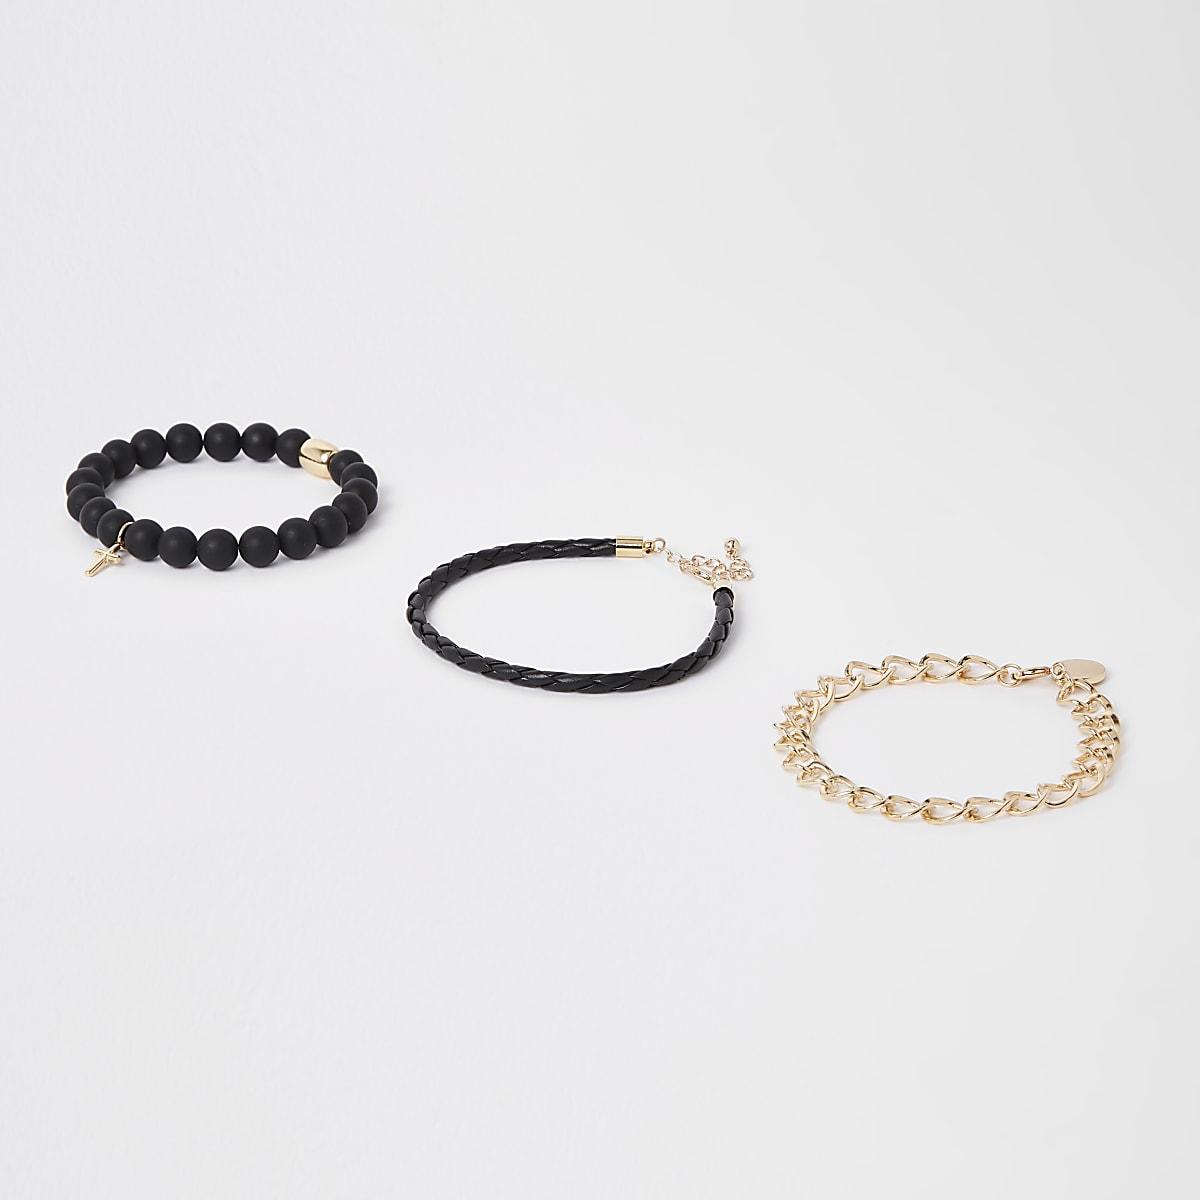 Lot de bracelets à chaîne dorée et perles noires